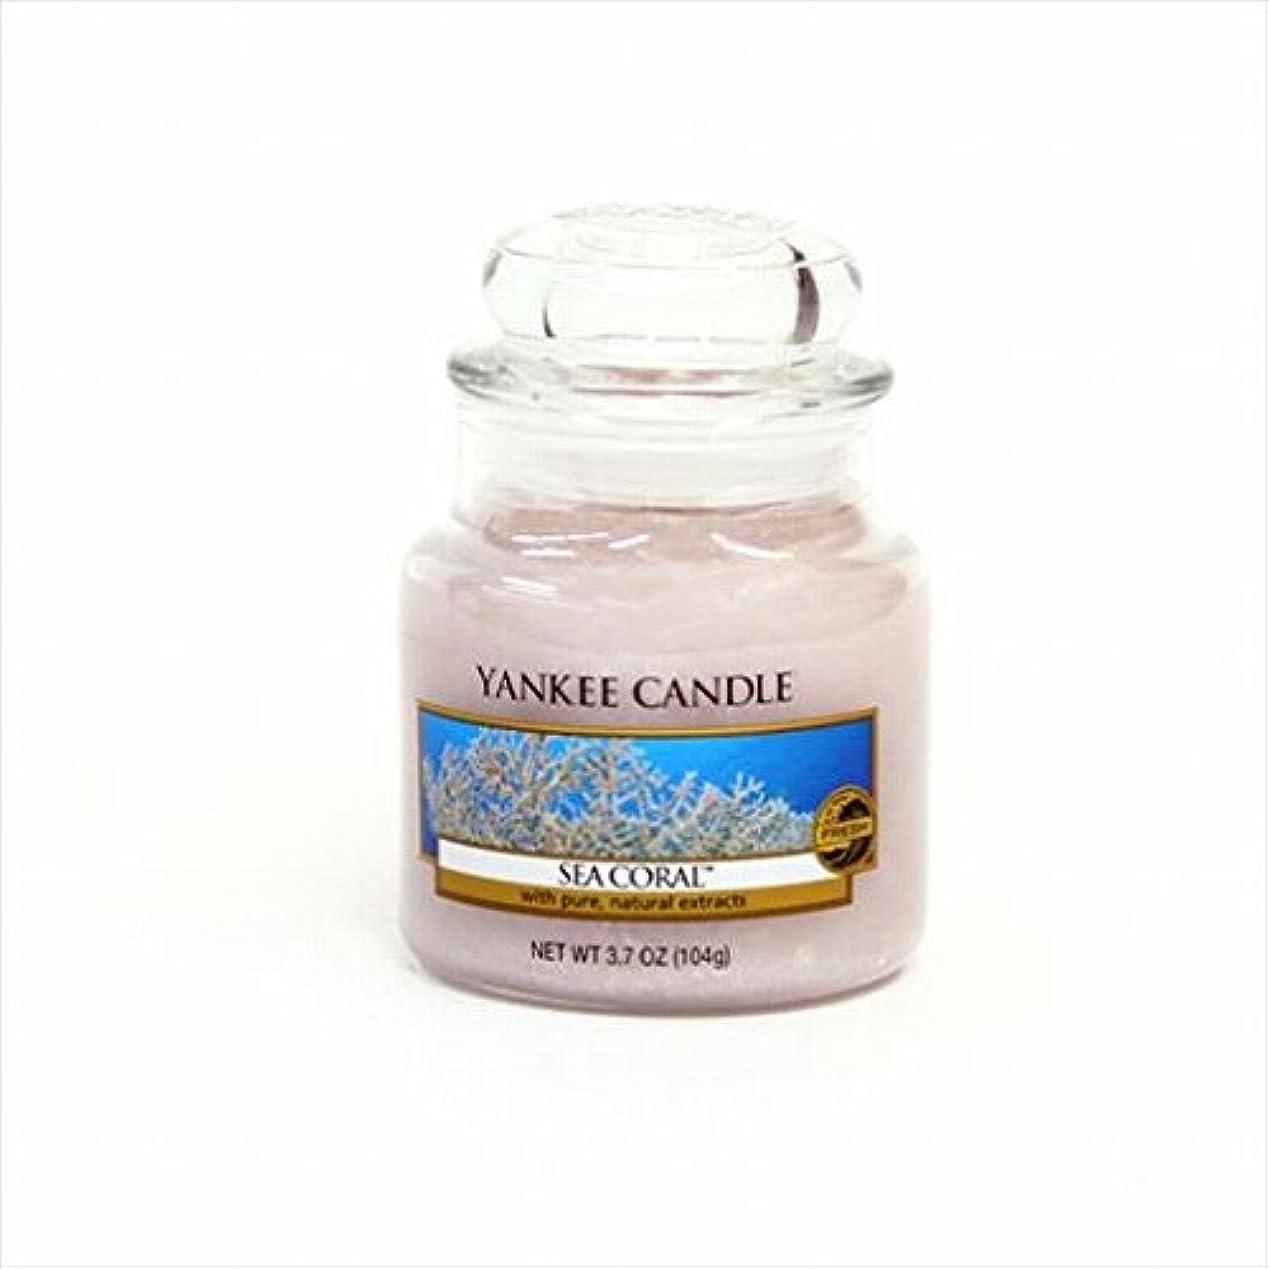 神社ちらつき破裂カメヤマキャンドル(kameyama candle) YANKEE CANDLE ジャーS 「 シーコーラル 」